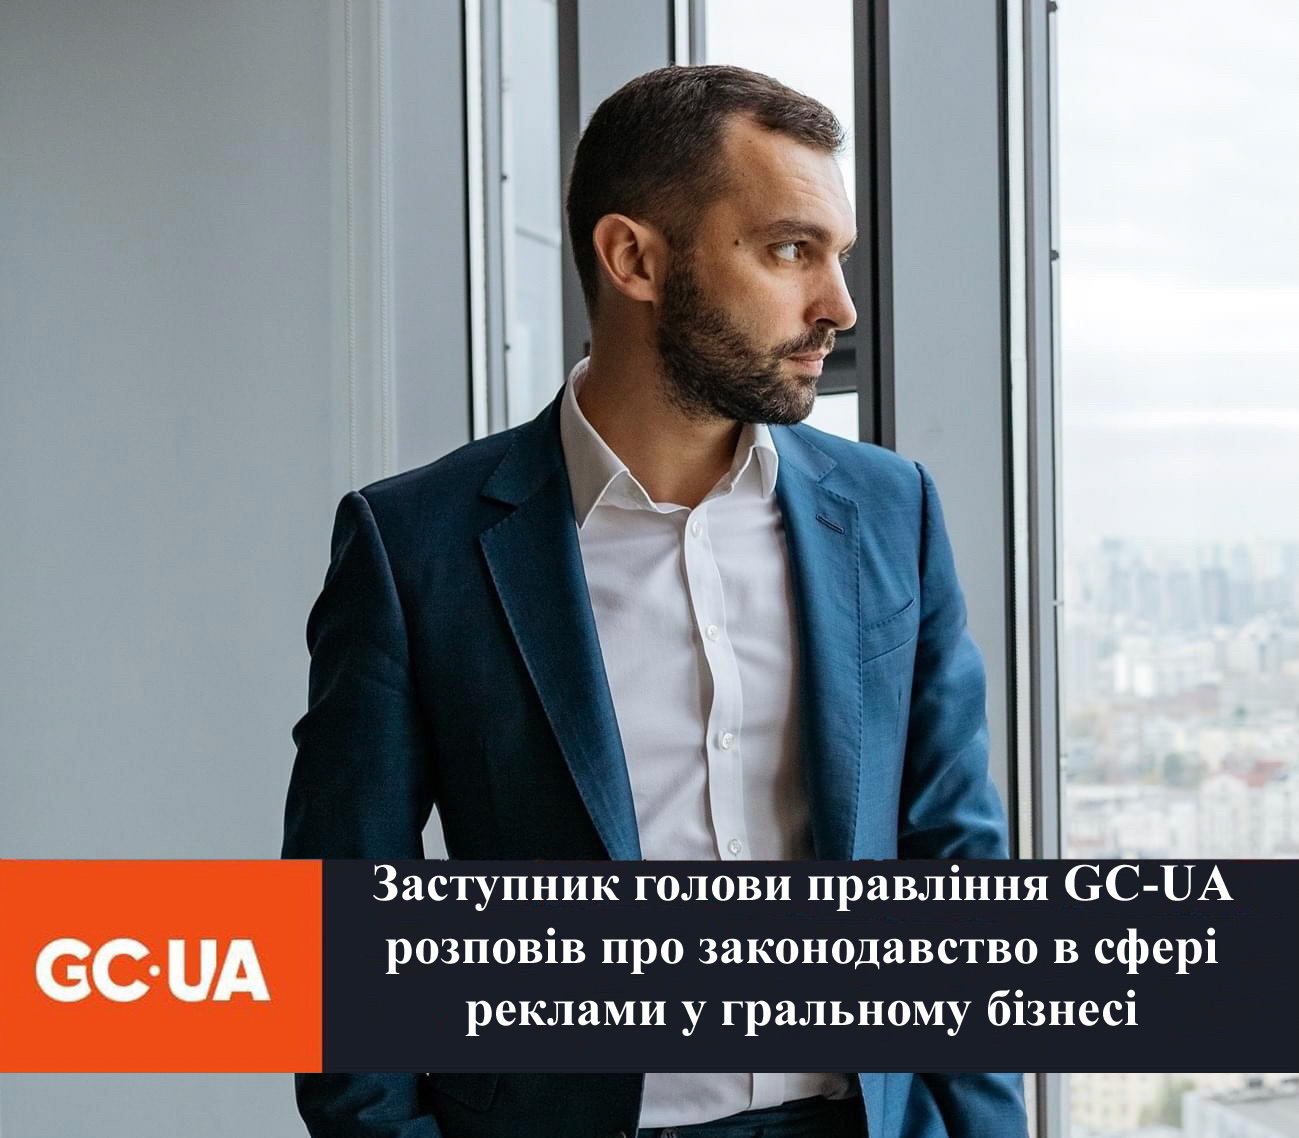 Заступник голови правління GC-UA розповів про законодавство в сфері реклами у гральному бізнесі